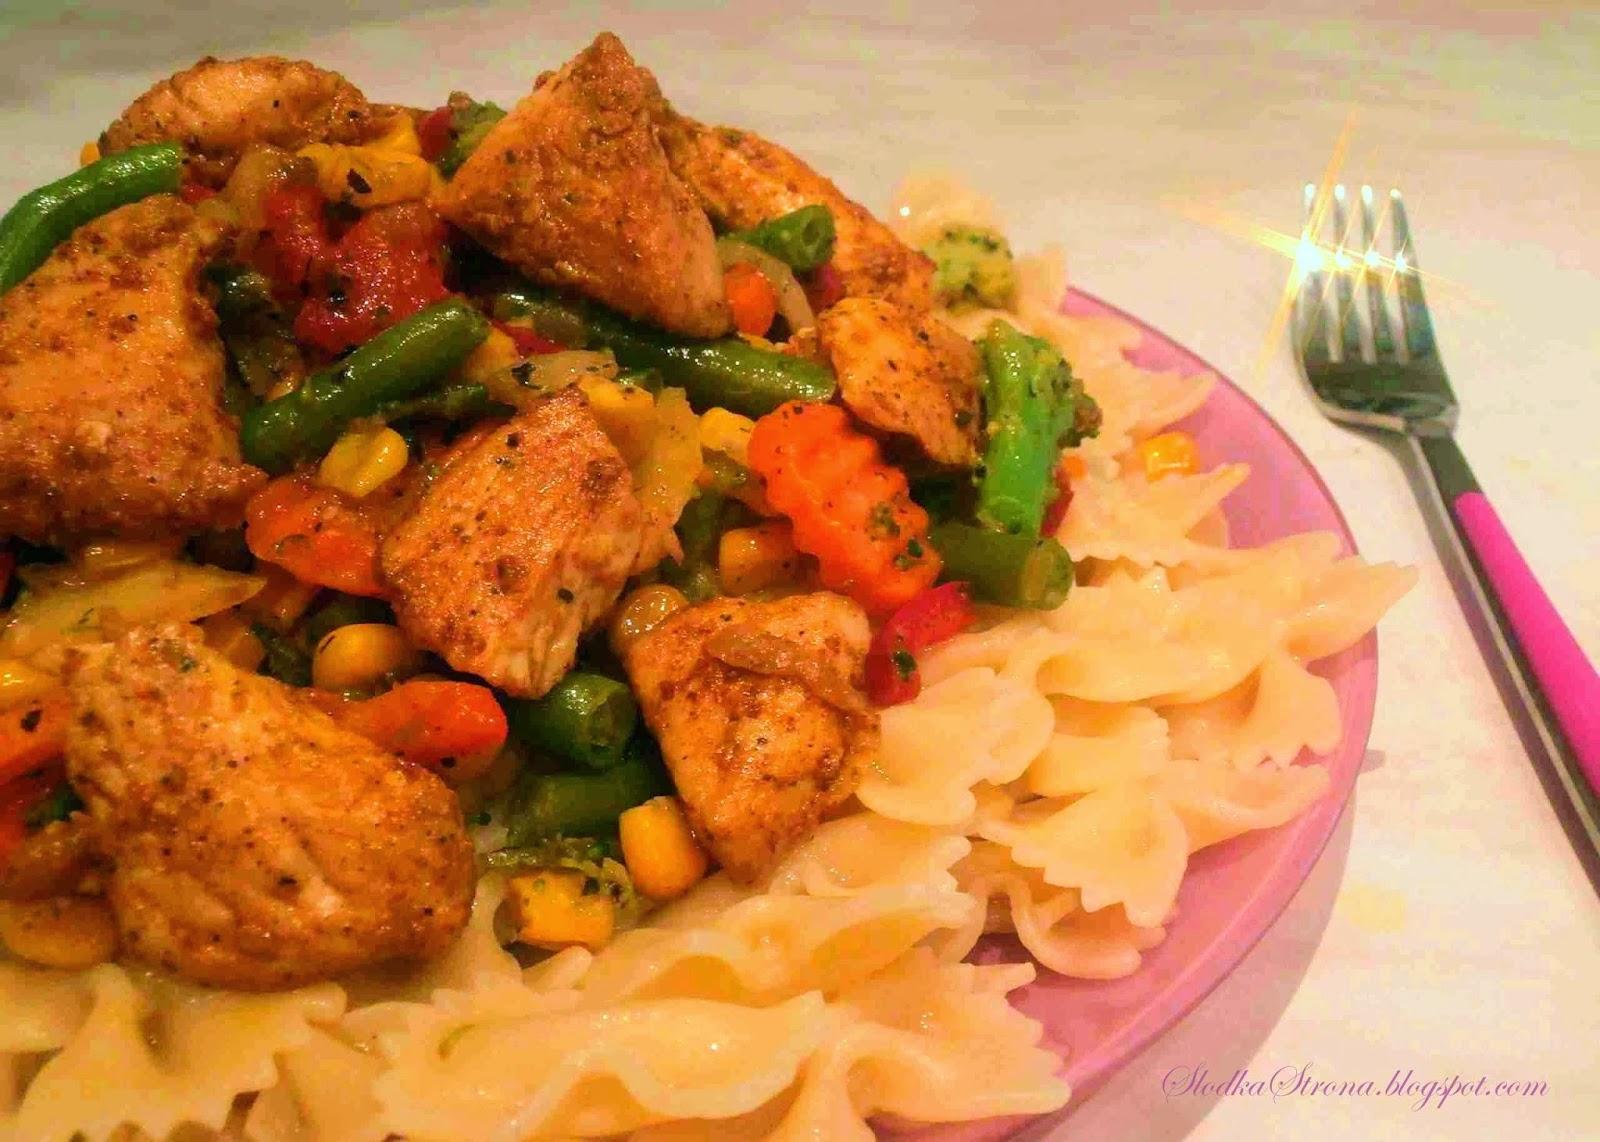 Makaron z Kurczakiem i Warzywami - Przepis - Słodka Strona